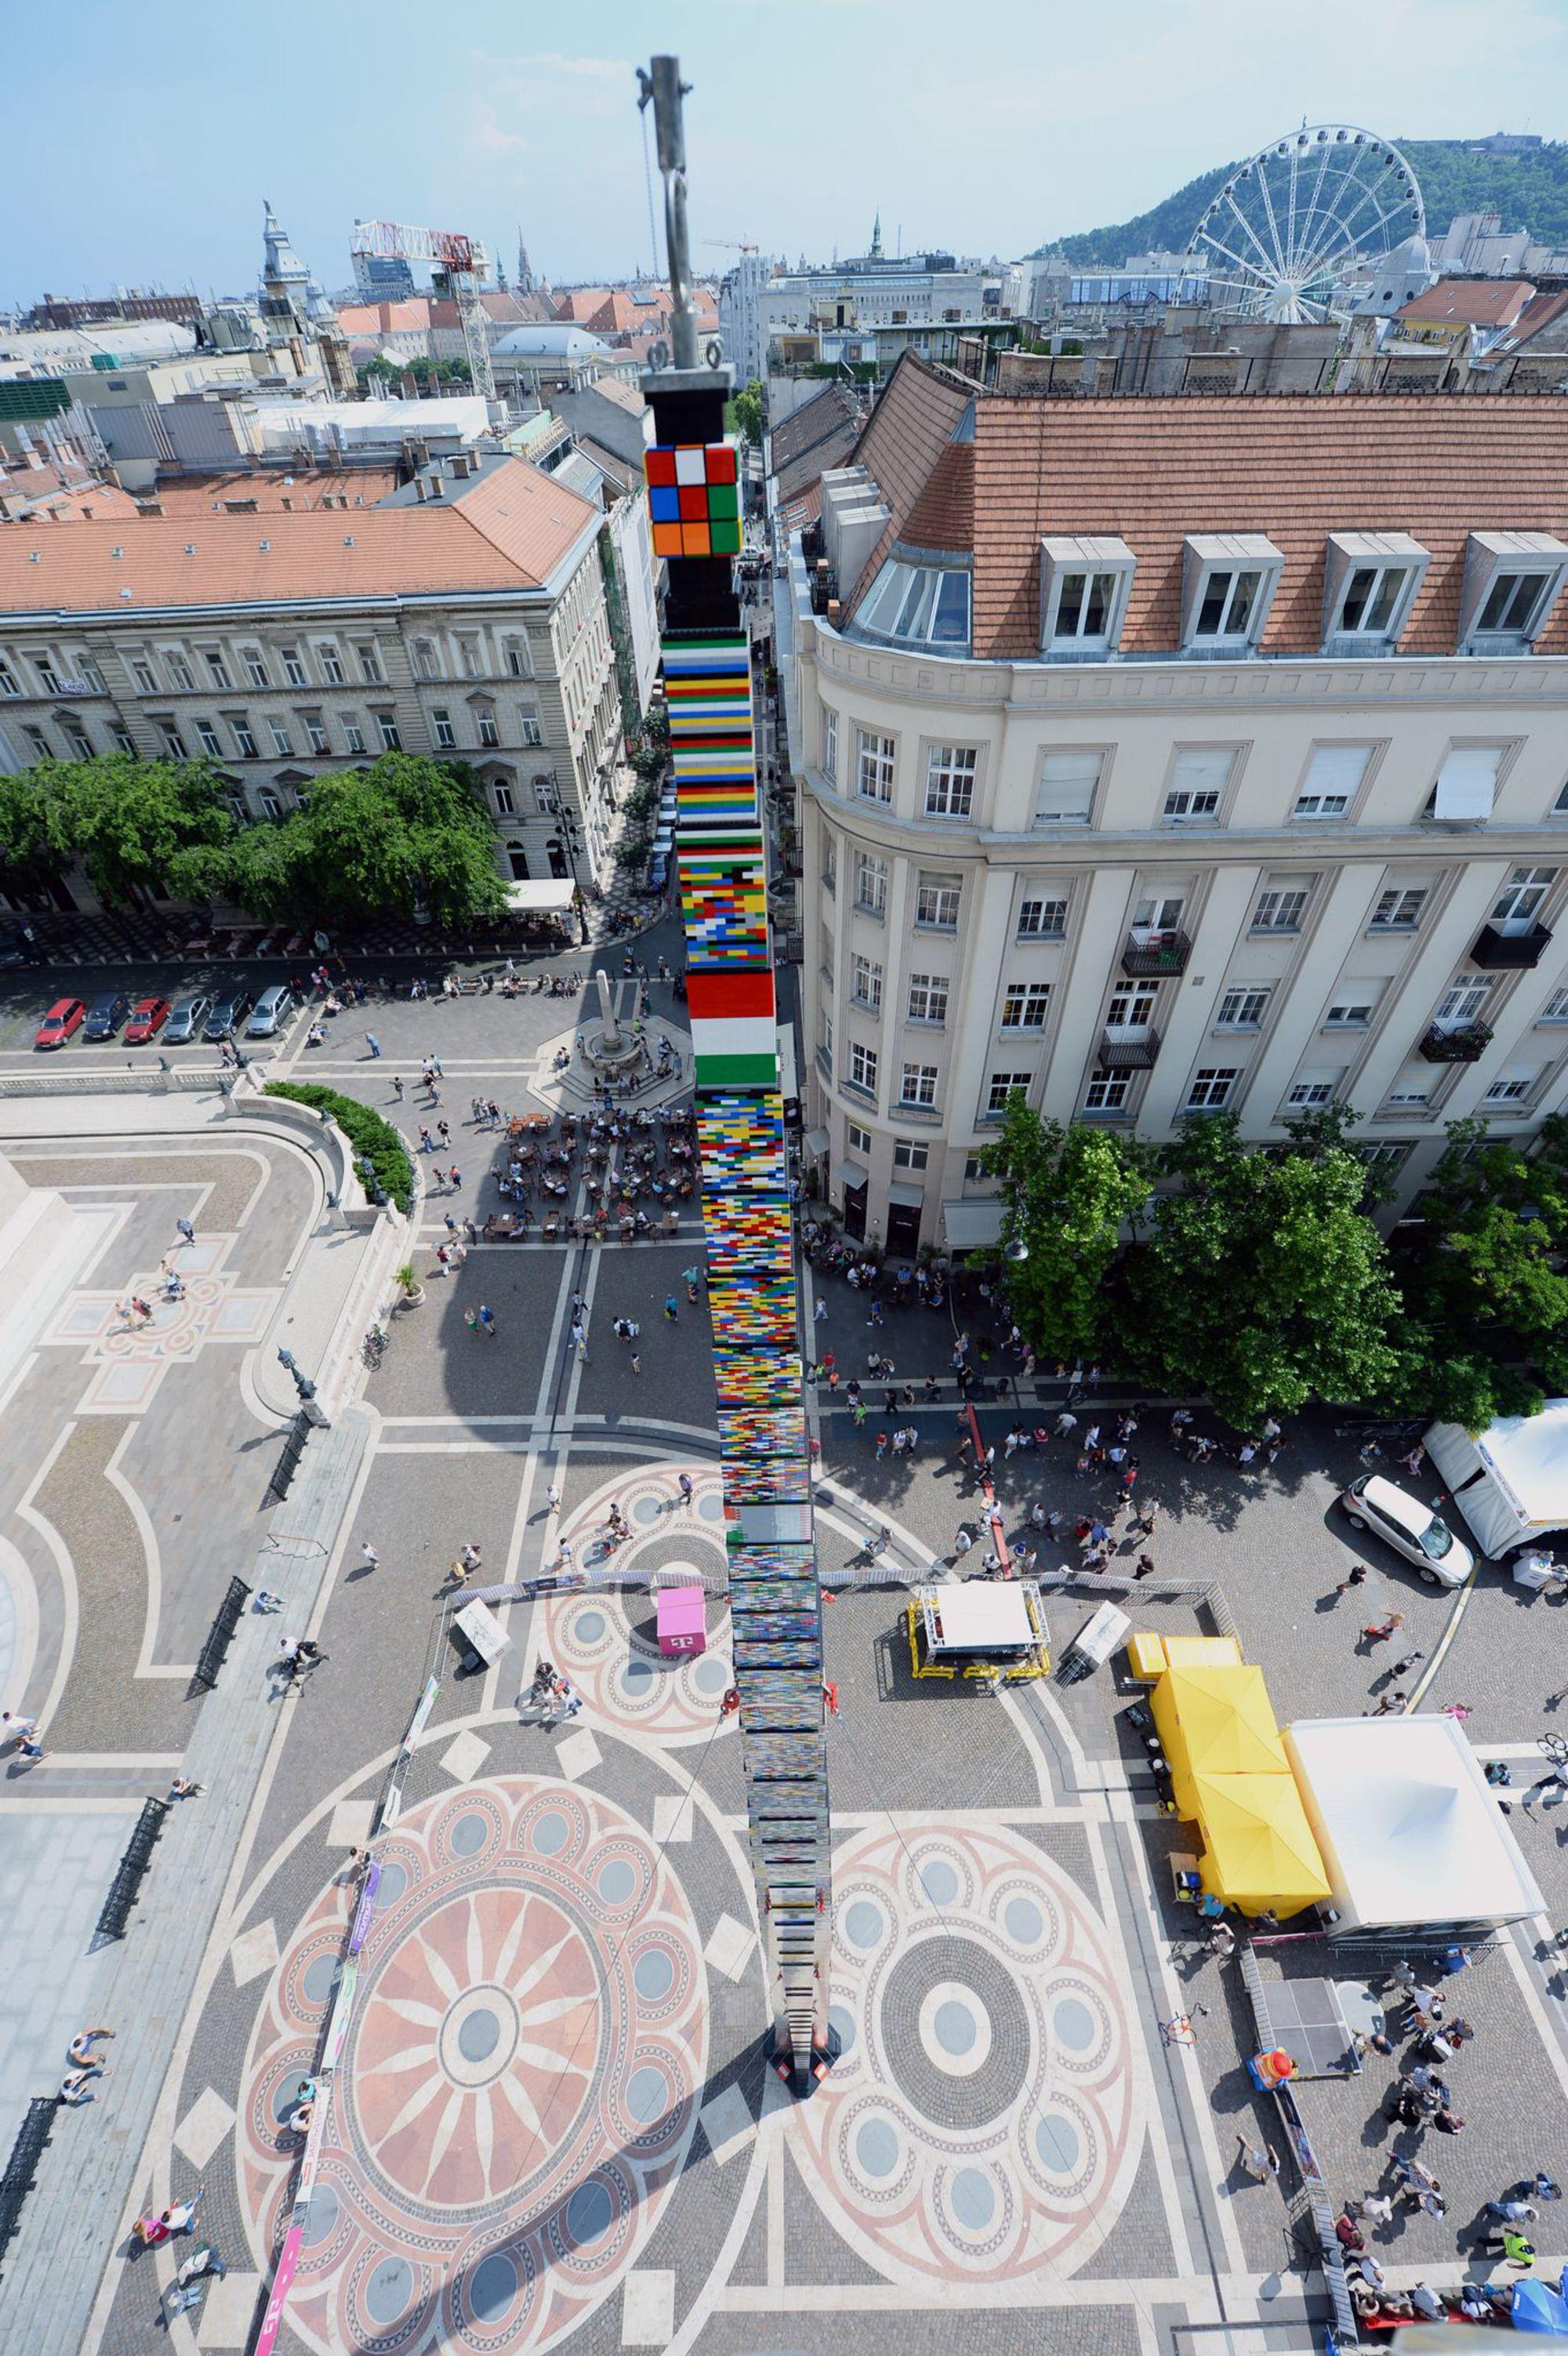 record-du-monde-de-la-plus-haute-tour-lego-a-budapest-en-2014_5365793